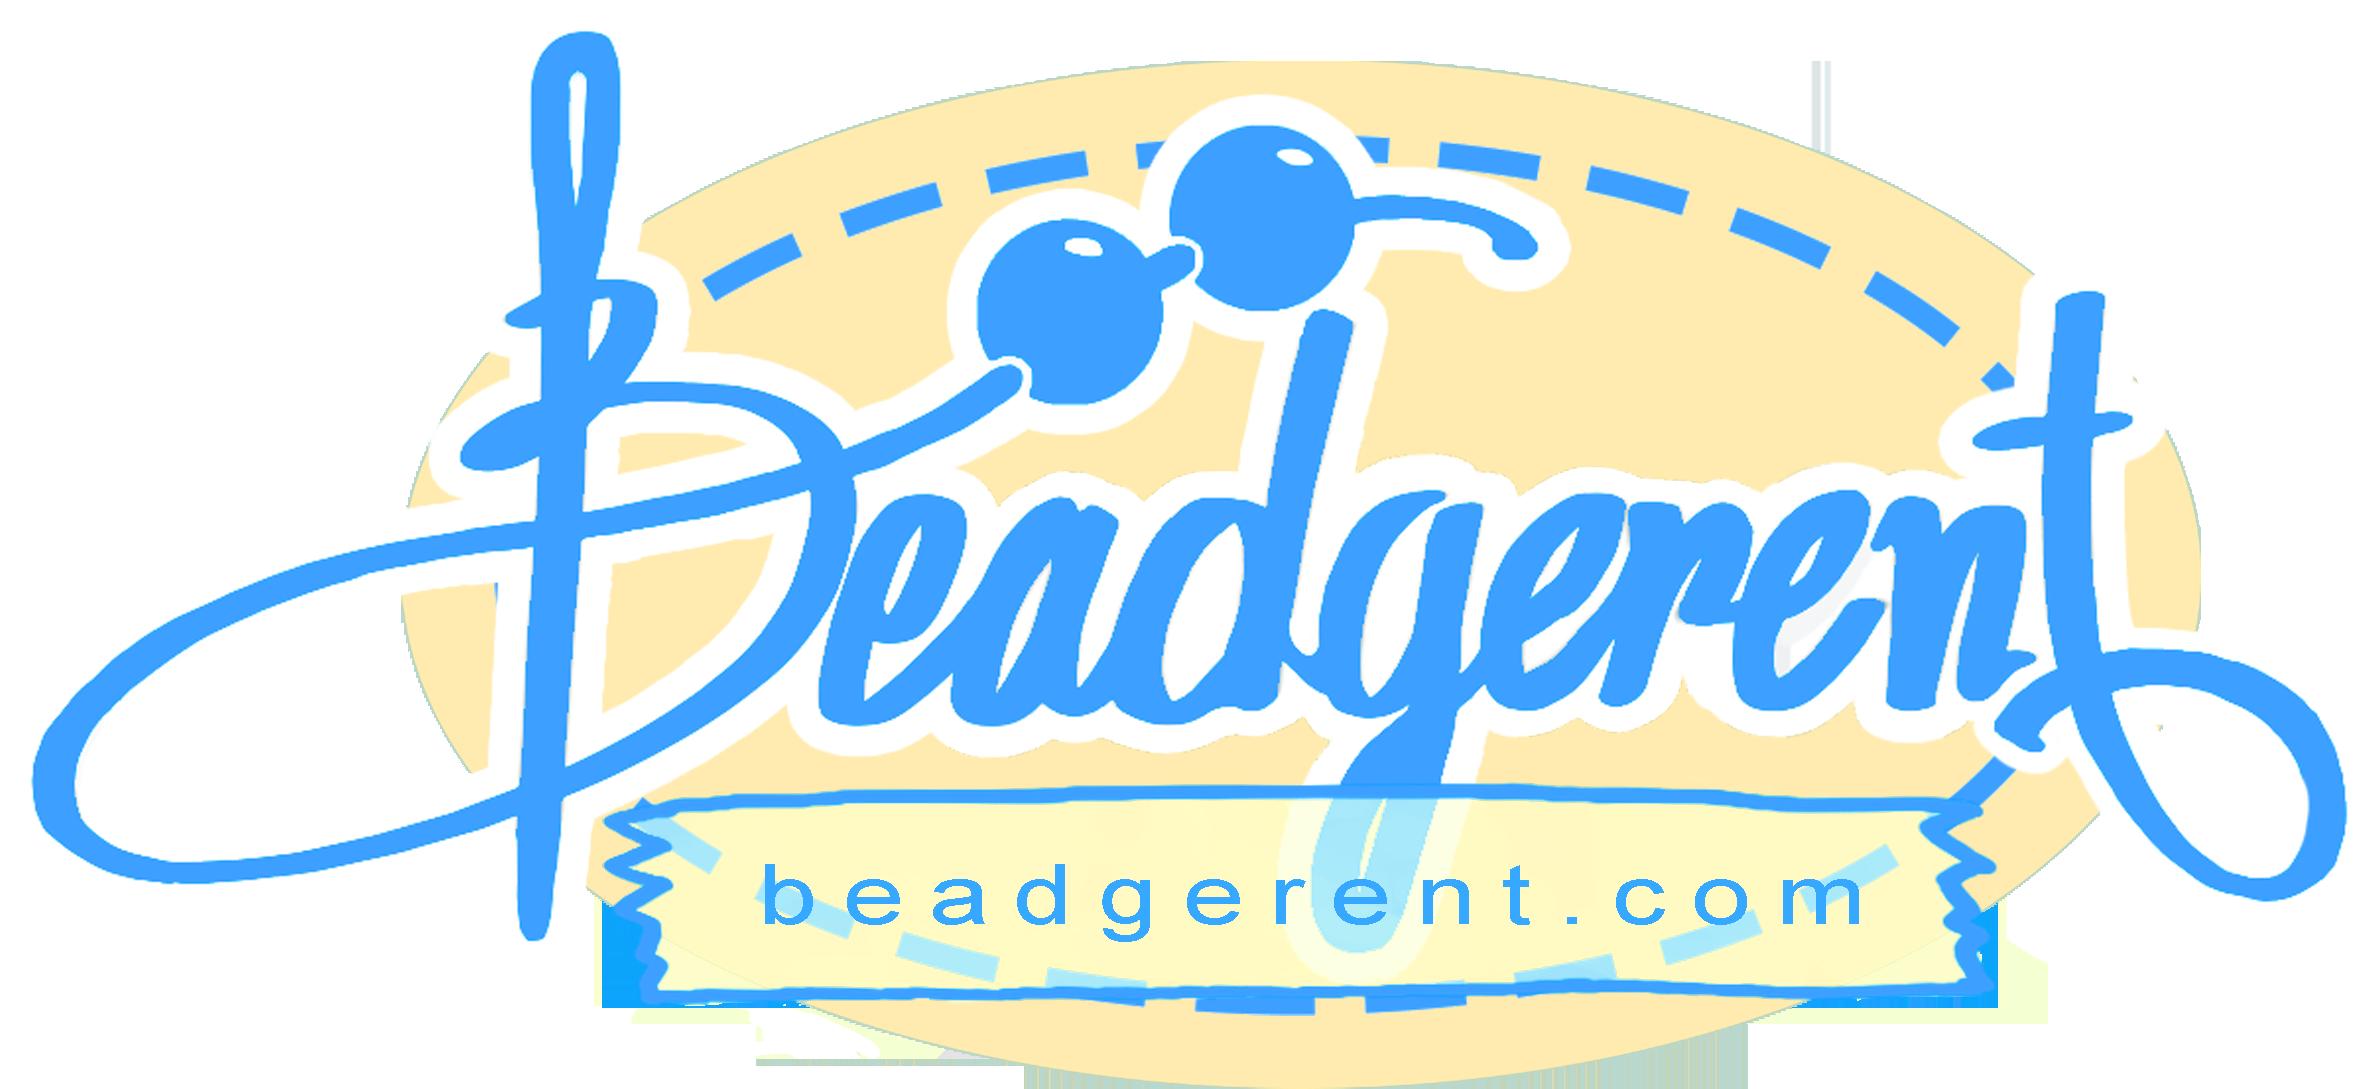 ร้านBeadgerent ลูกปัด และอุปกรณ์งานประดิษฐ์